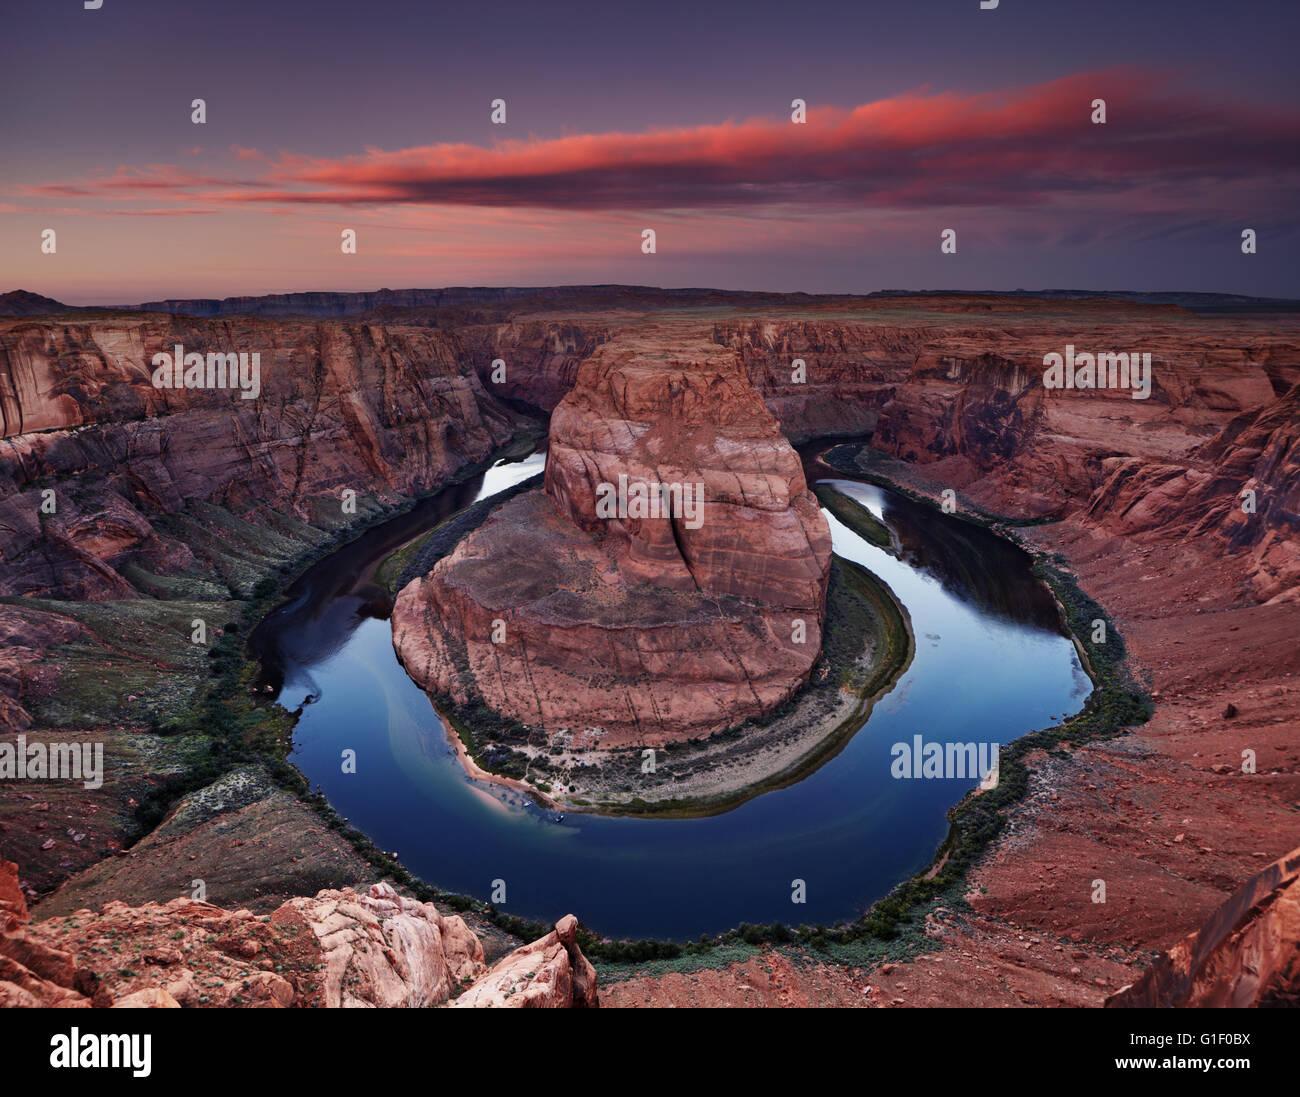 Il fiume Colorado a sunrise, Ferro di Cavallo Bend, Pagina, Arizona, Stati Uniti d'America Immagini Stock